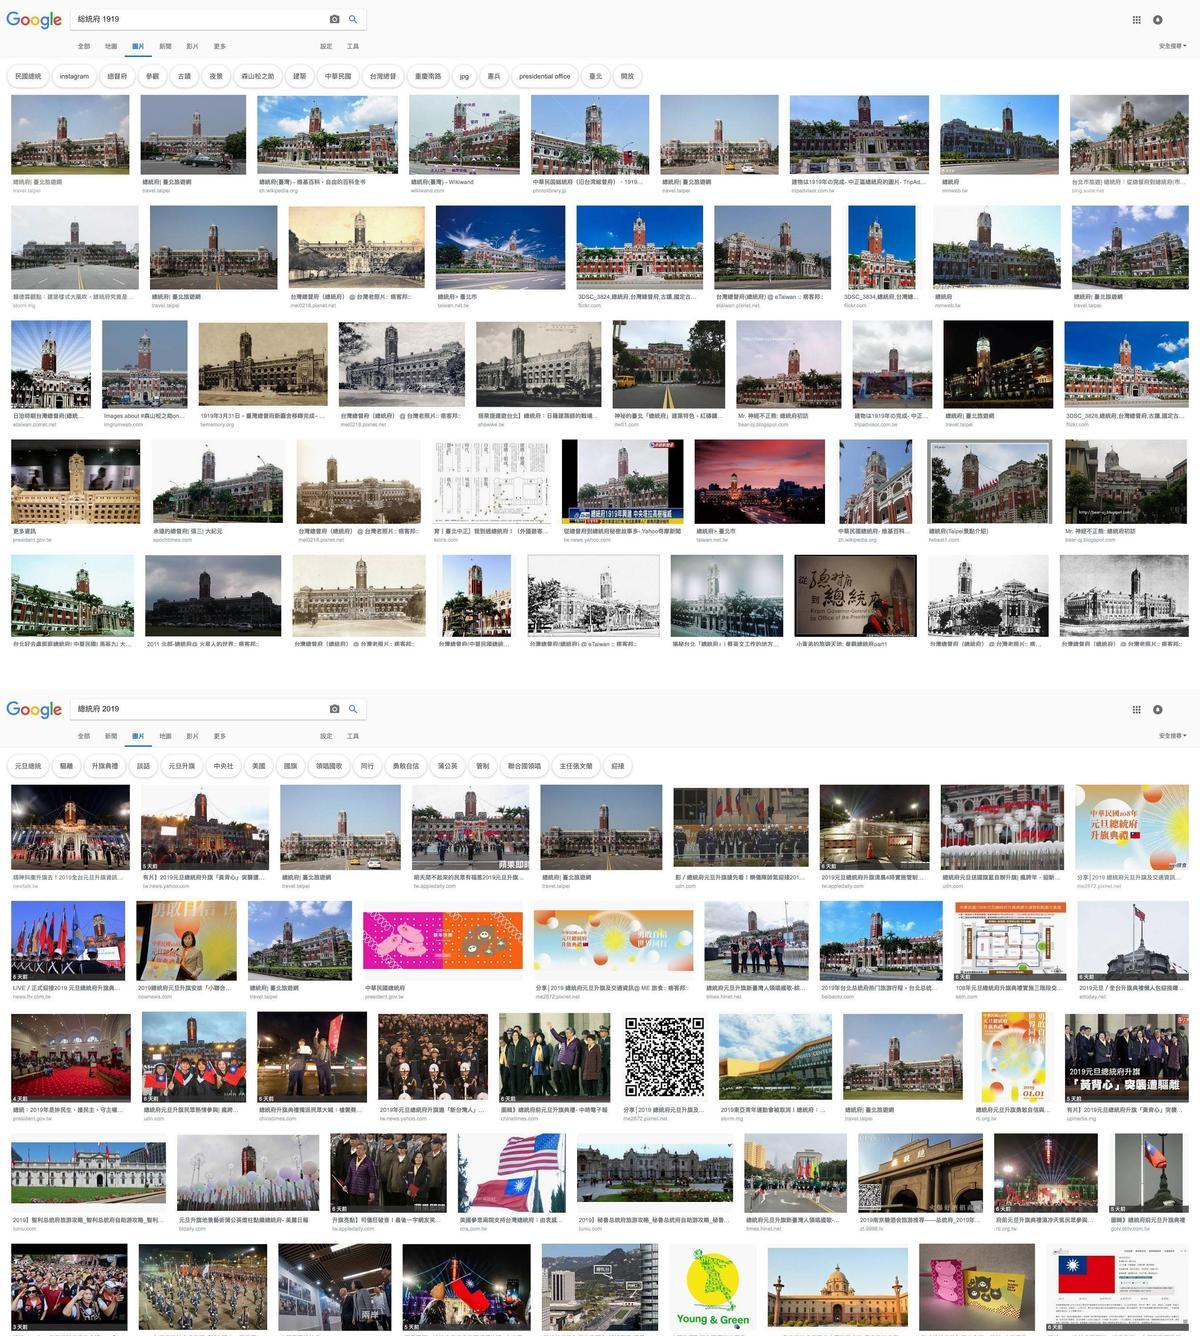 不僅PS憲兵圖獲得優選,連Google截圖都獲獎。(翻攝自總統府官網)